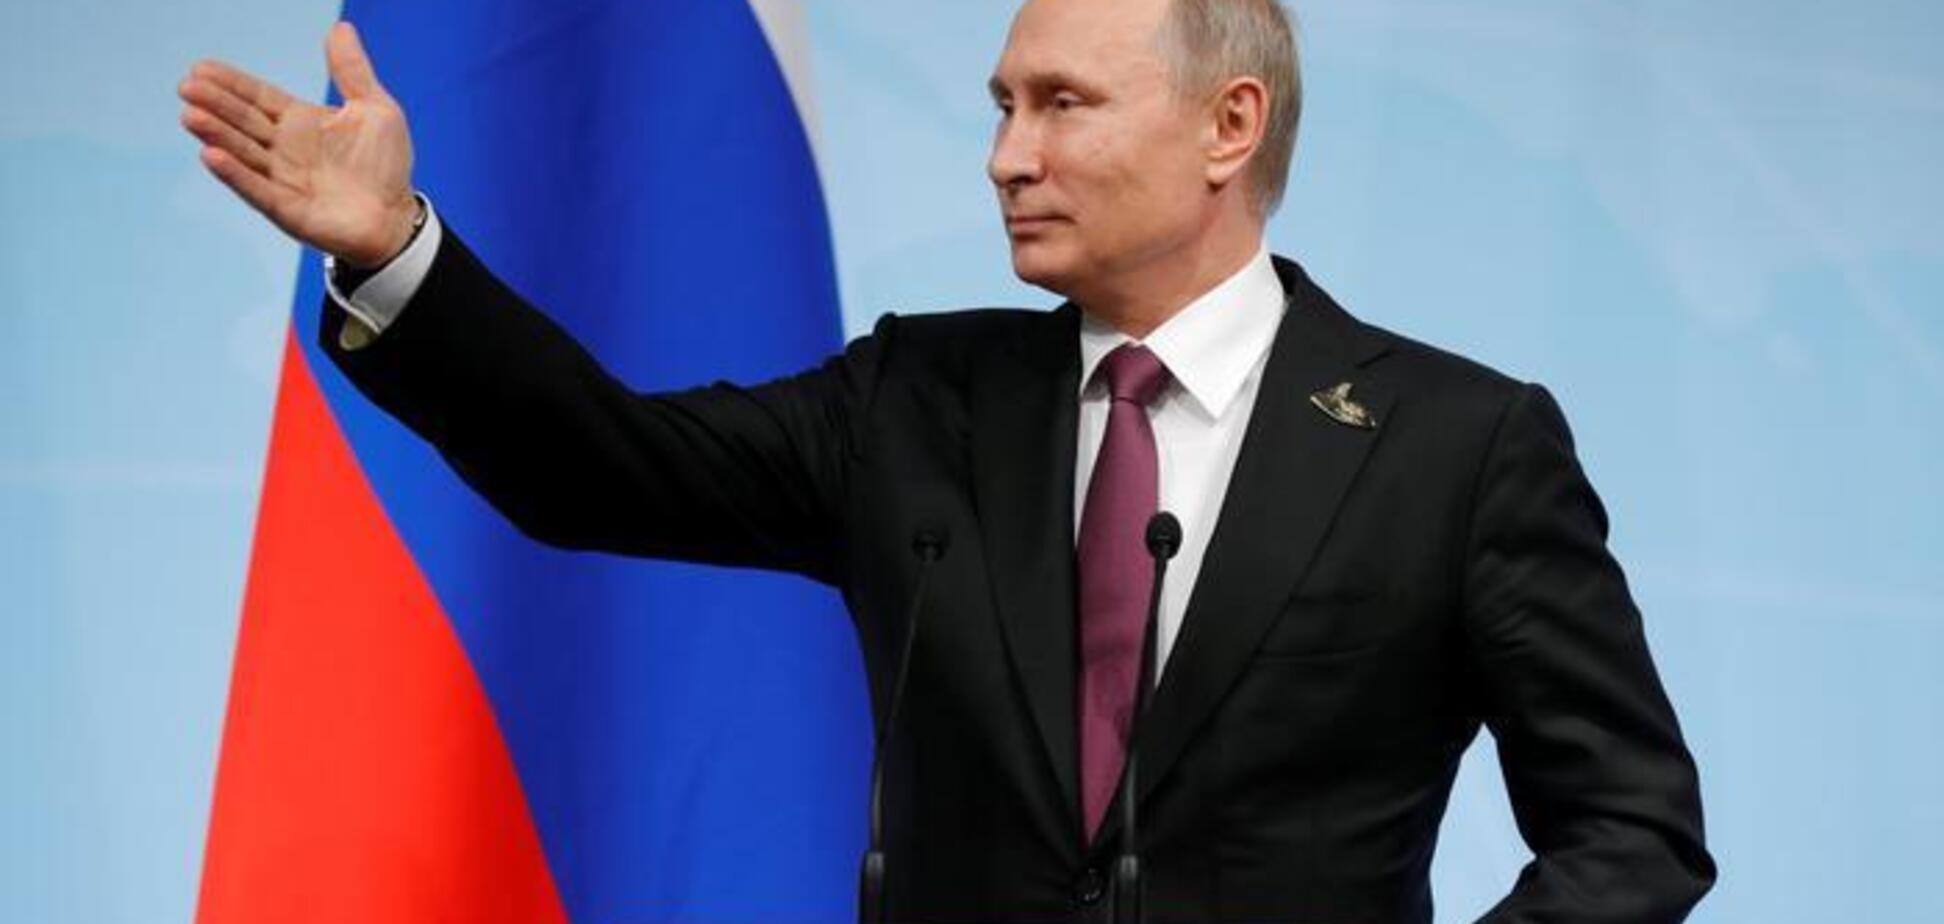 'Это его ноу-хау': в России рассказали, когда Путин объявит имя преемника